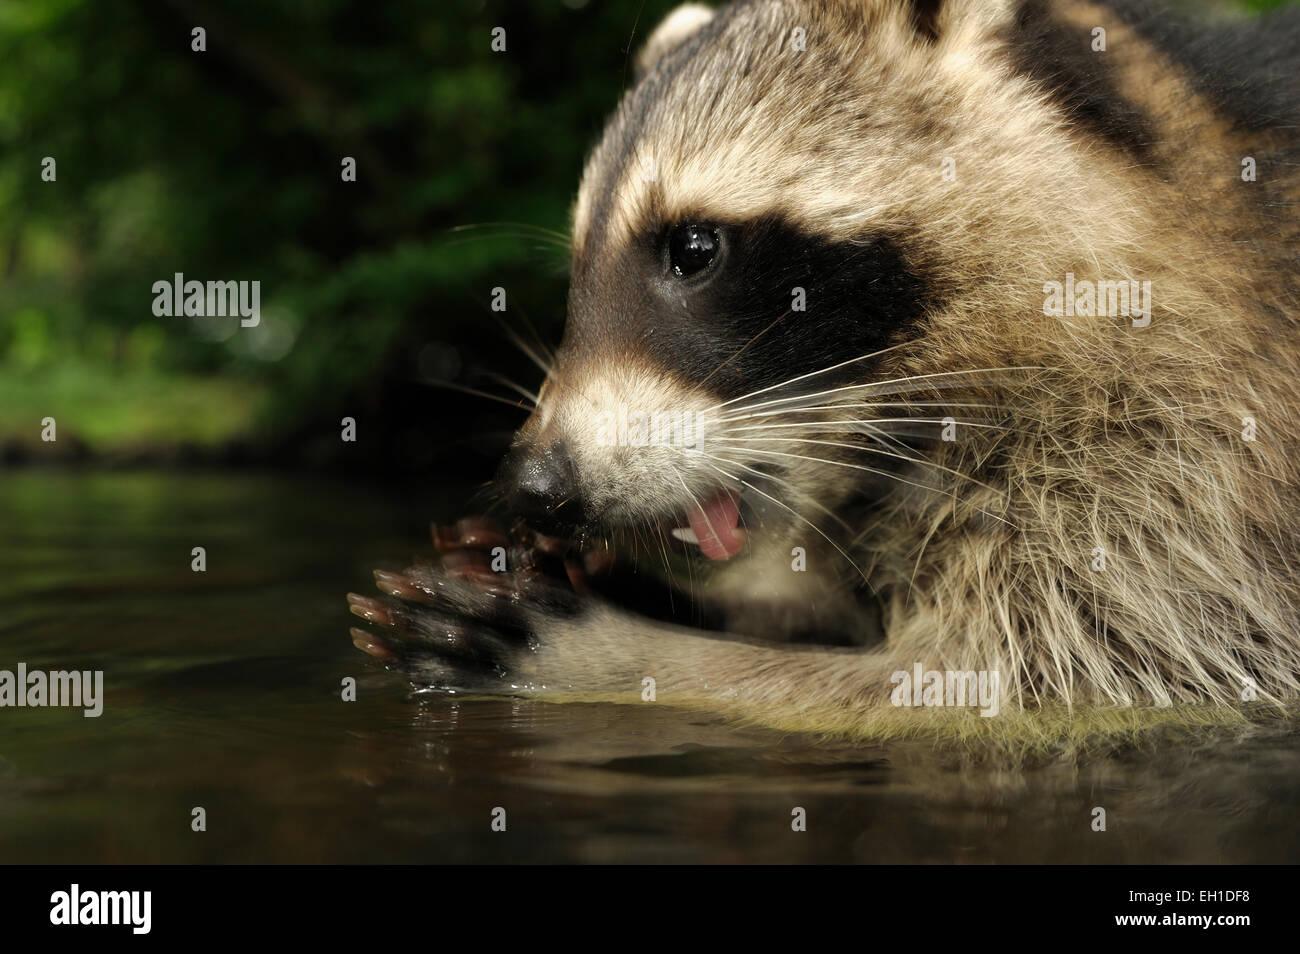 [Cautivo] mapache (Procyon lotor) | Waschbär (Procyon lotor) Imagen De Stock